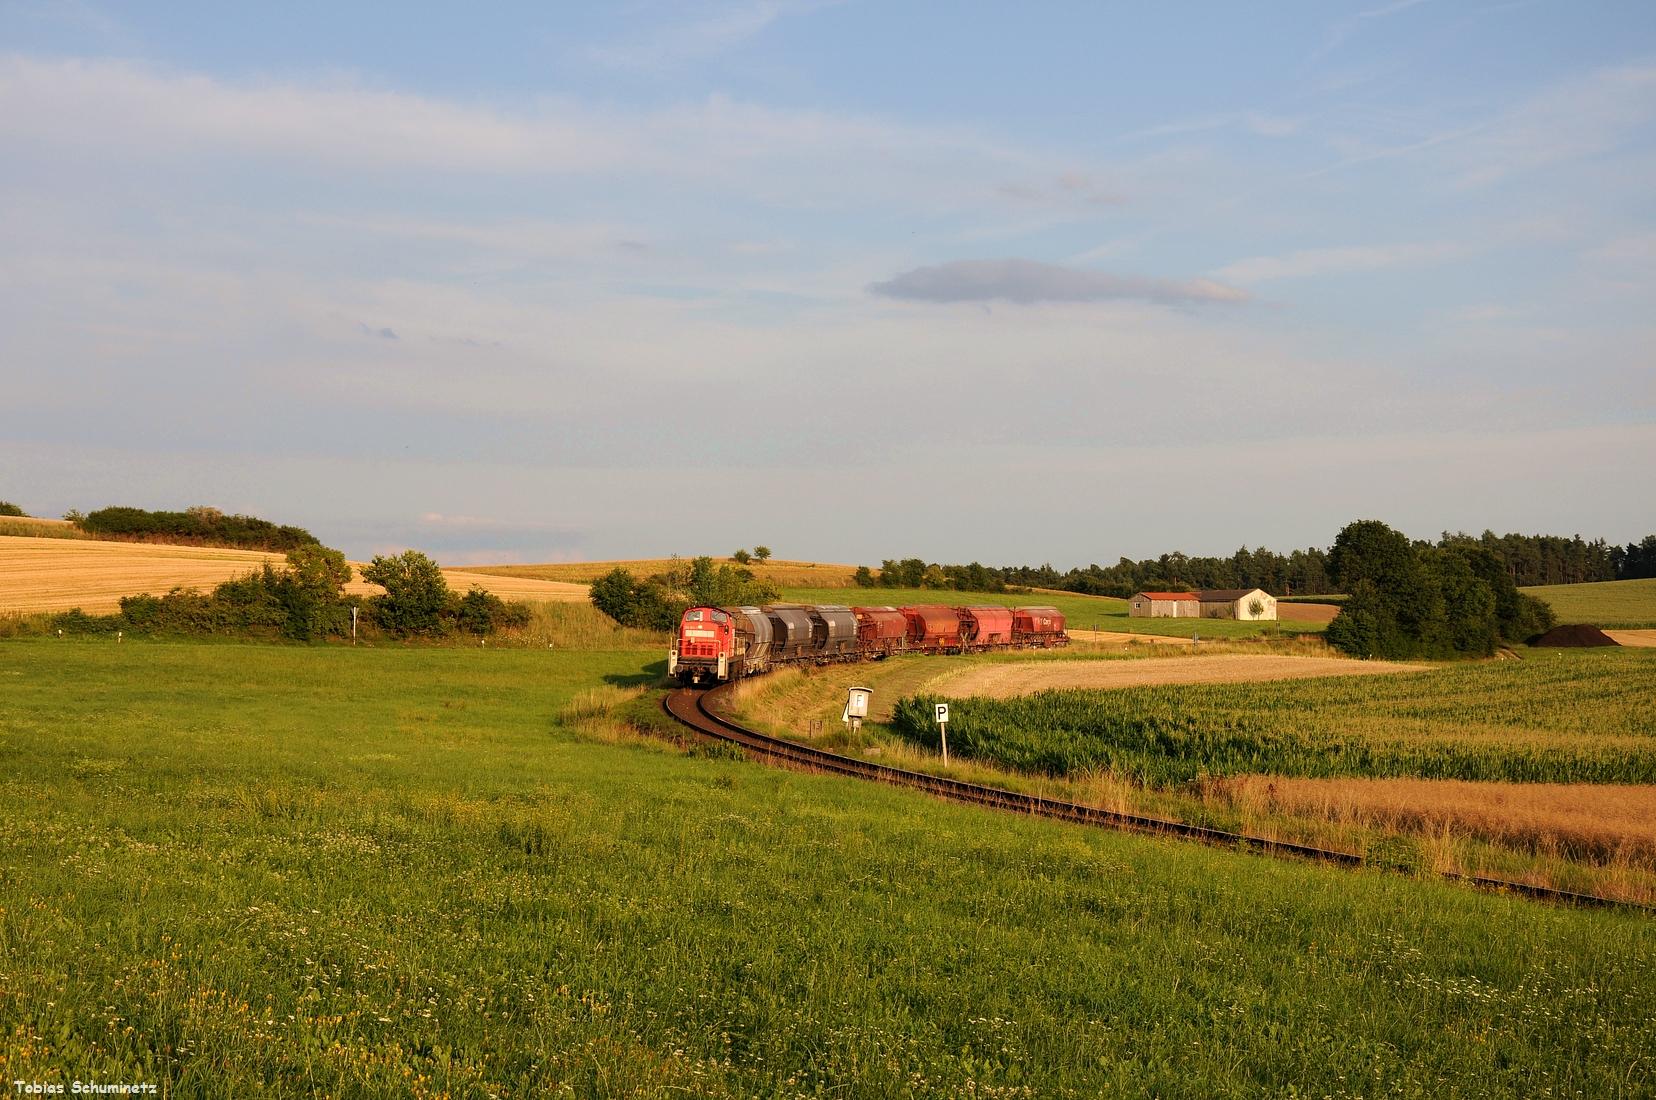 Heute habe ich den Zug noch verfolgt. Leider kam ich aus dem Feld vorher zu langsam zum Auto sodass ich ihn nur in der Burgstaller Panoramakurve umgesetzt habe. Der Panoramablick von Gebenbach wäre zeitlich zu riskant gewesen.